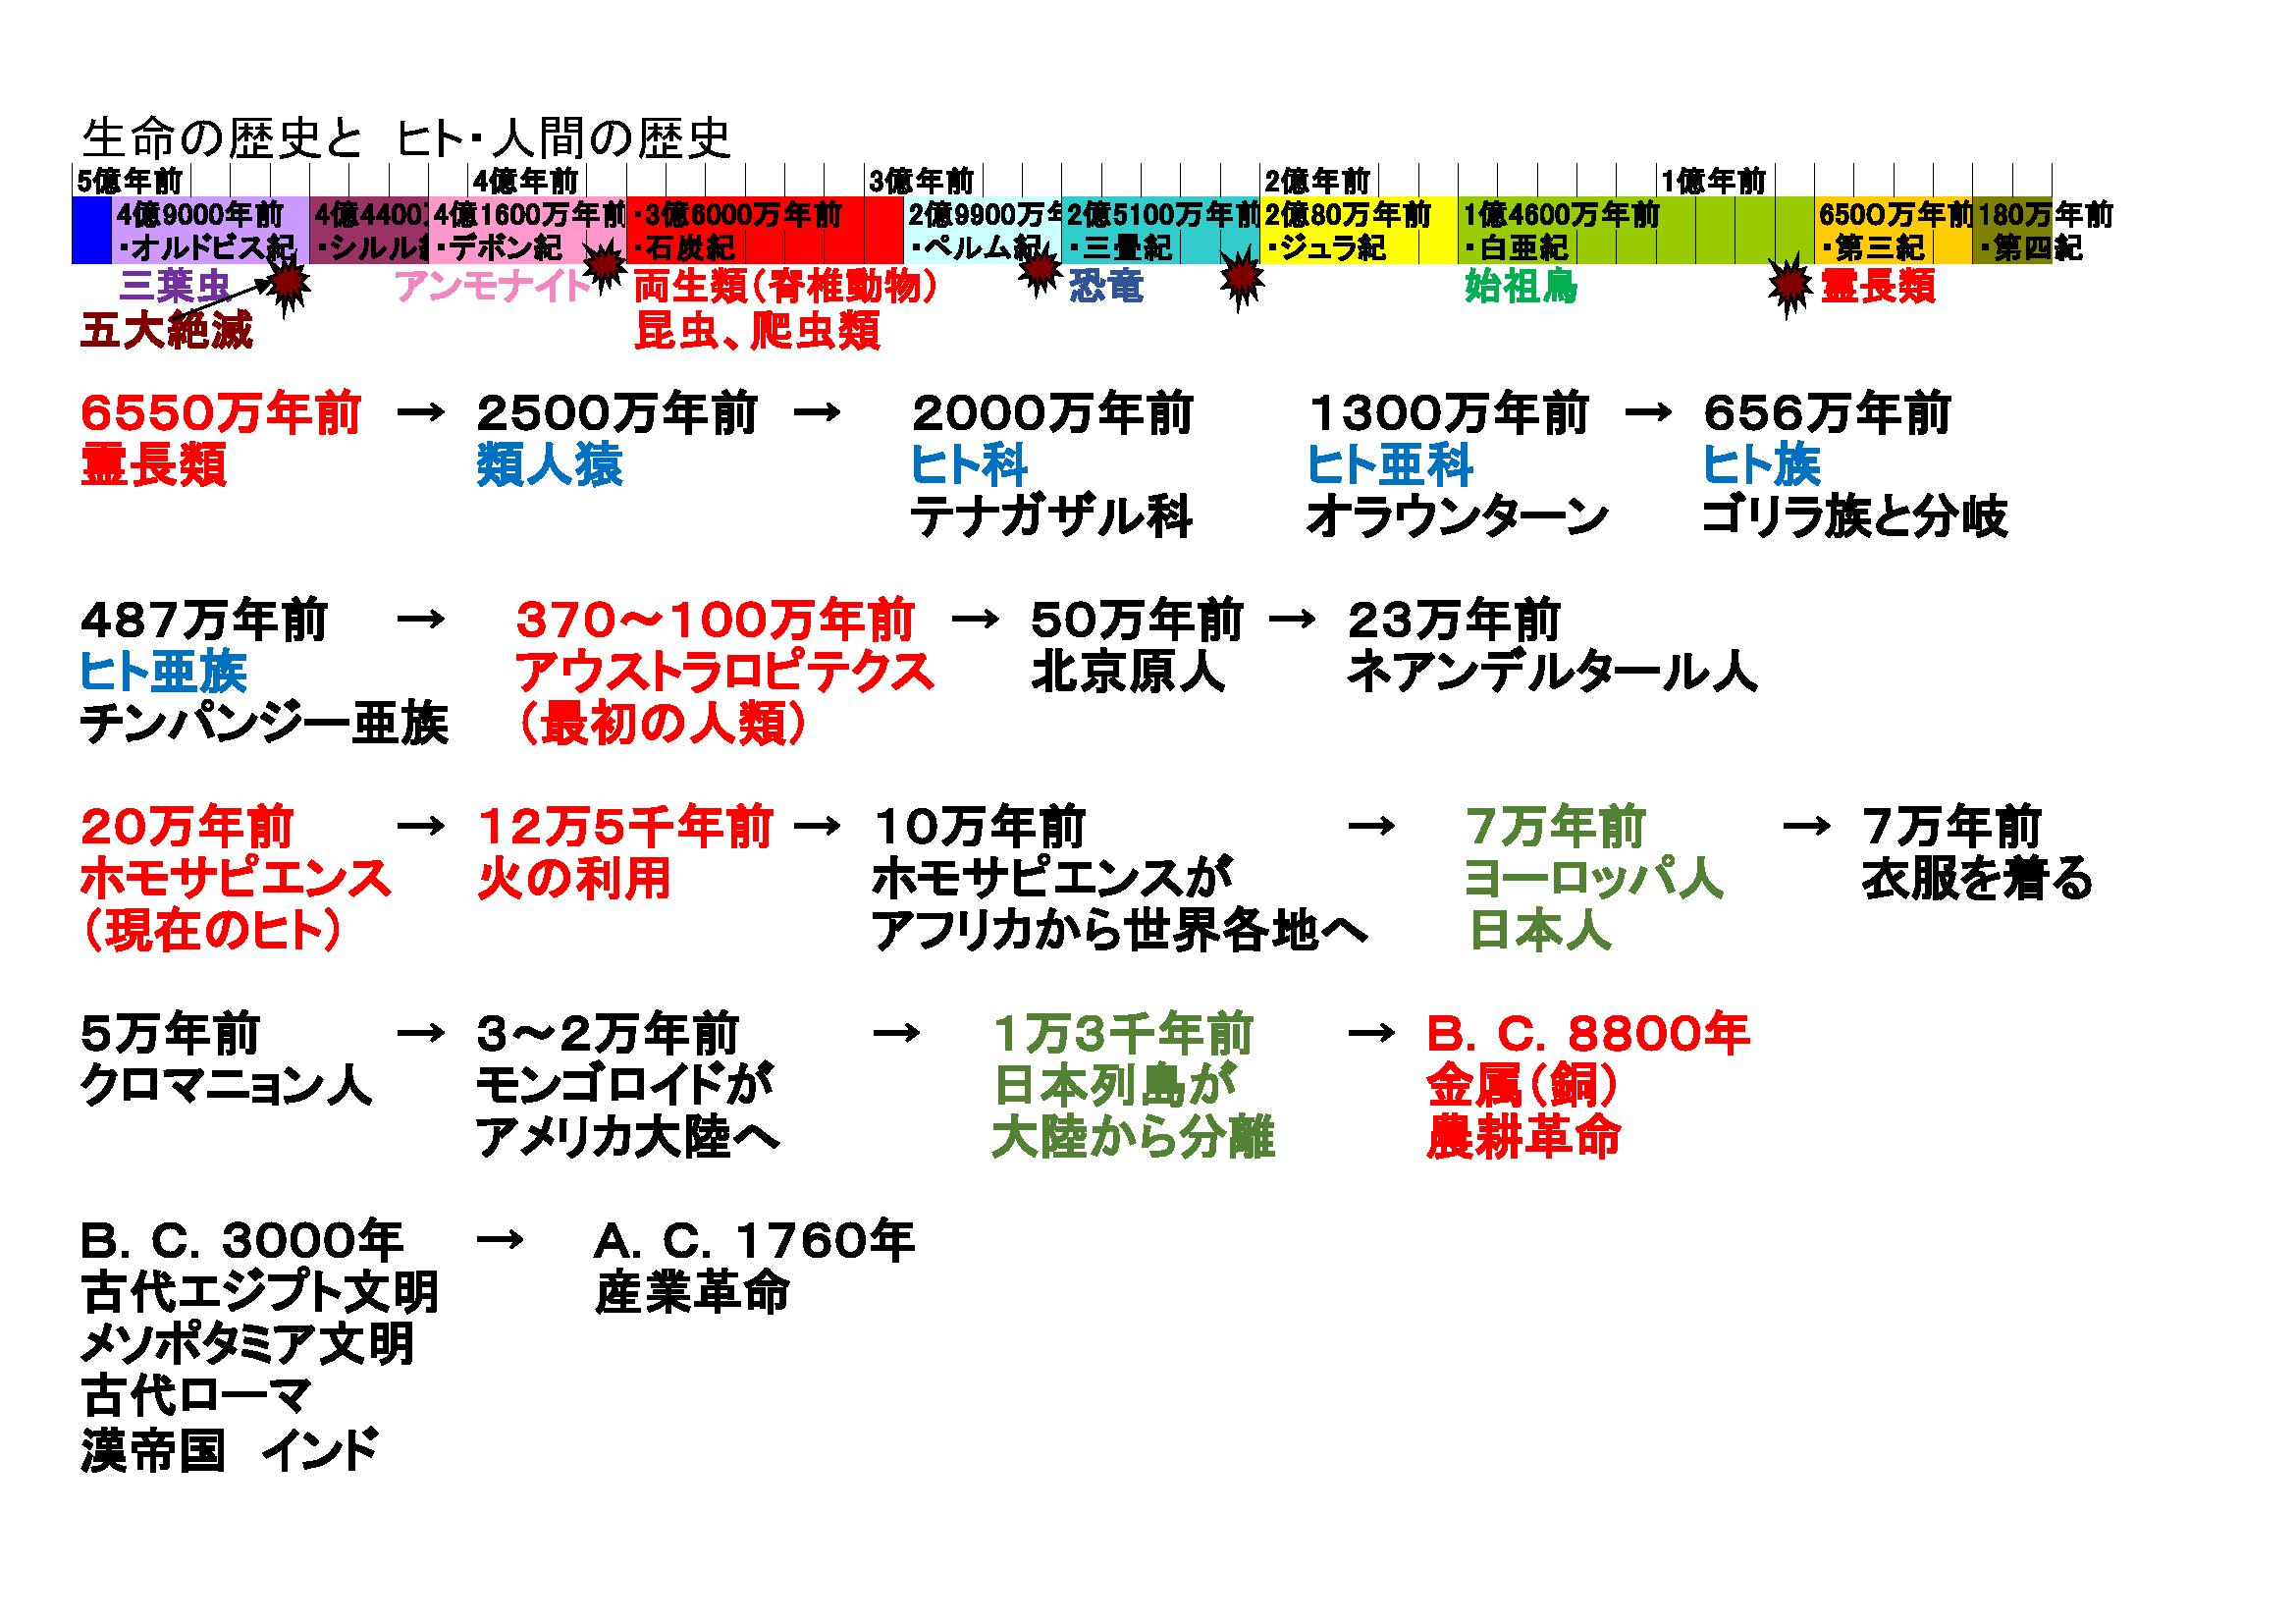 ヒトの歴史